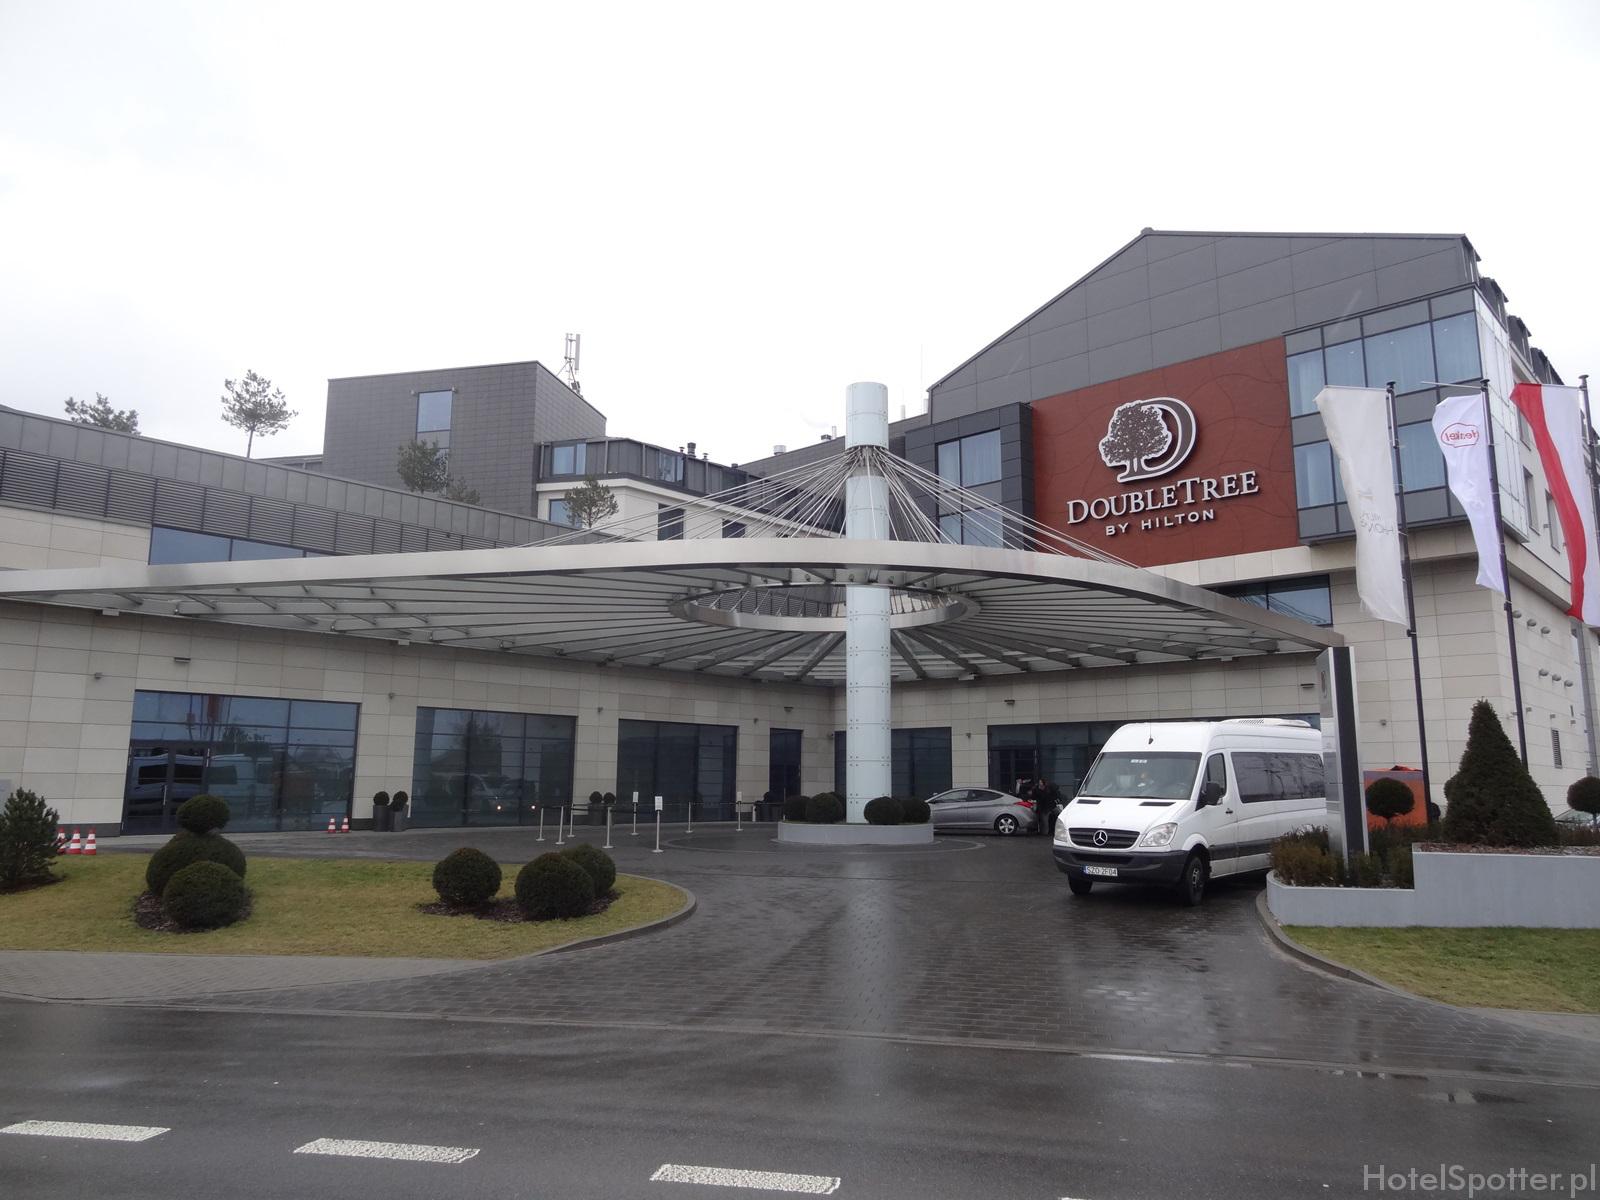 DoubleTree by Hilton Warsaw wyglad hotelu